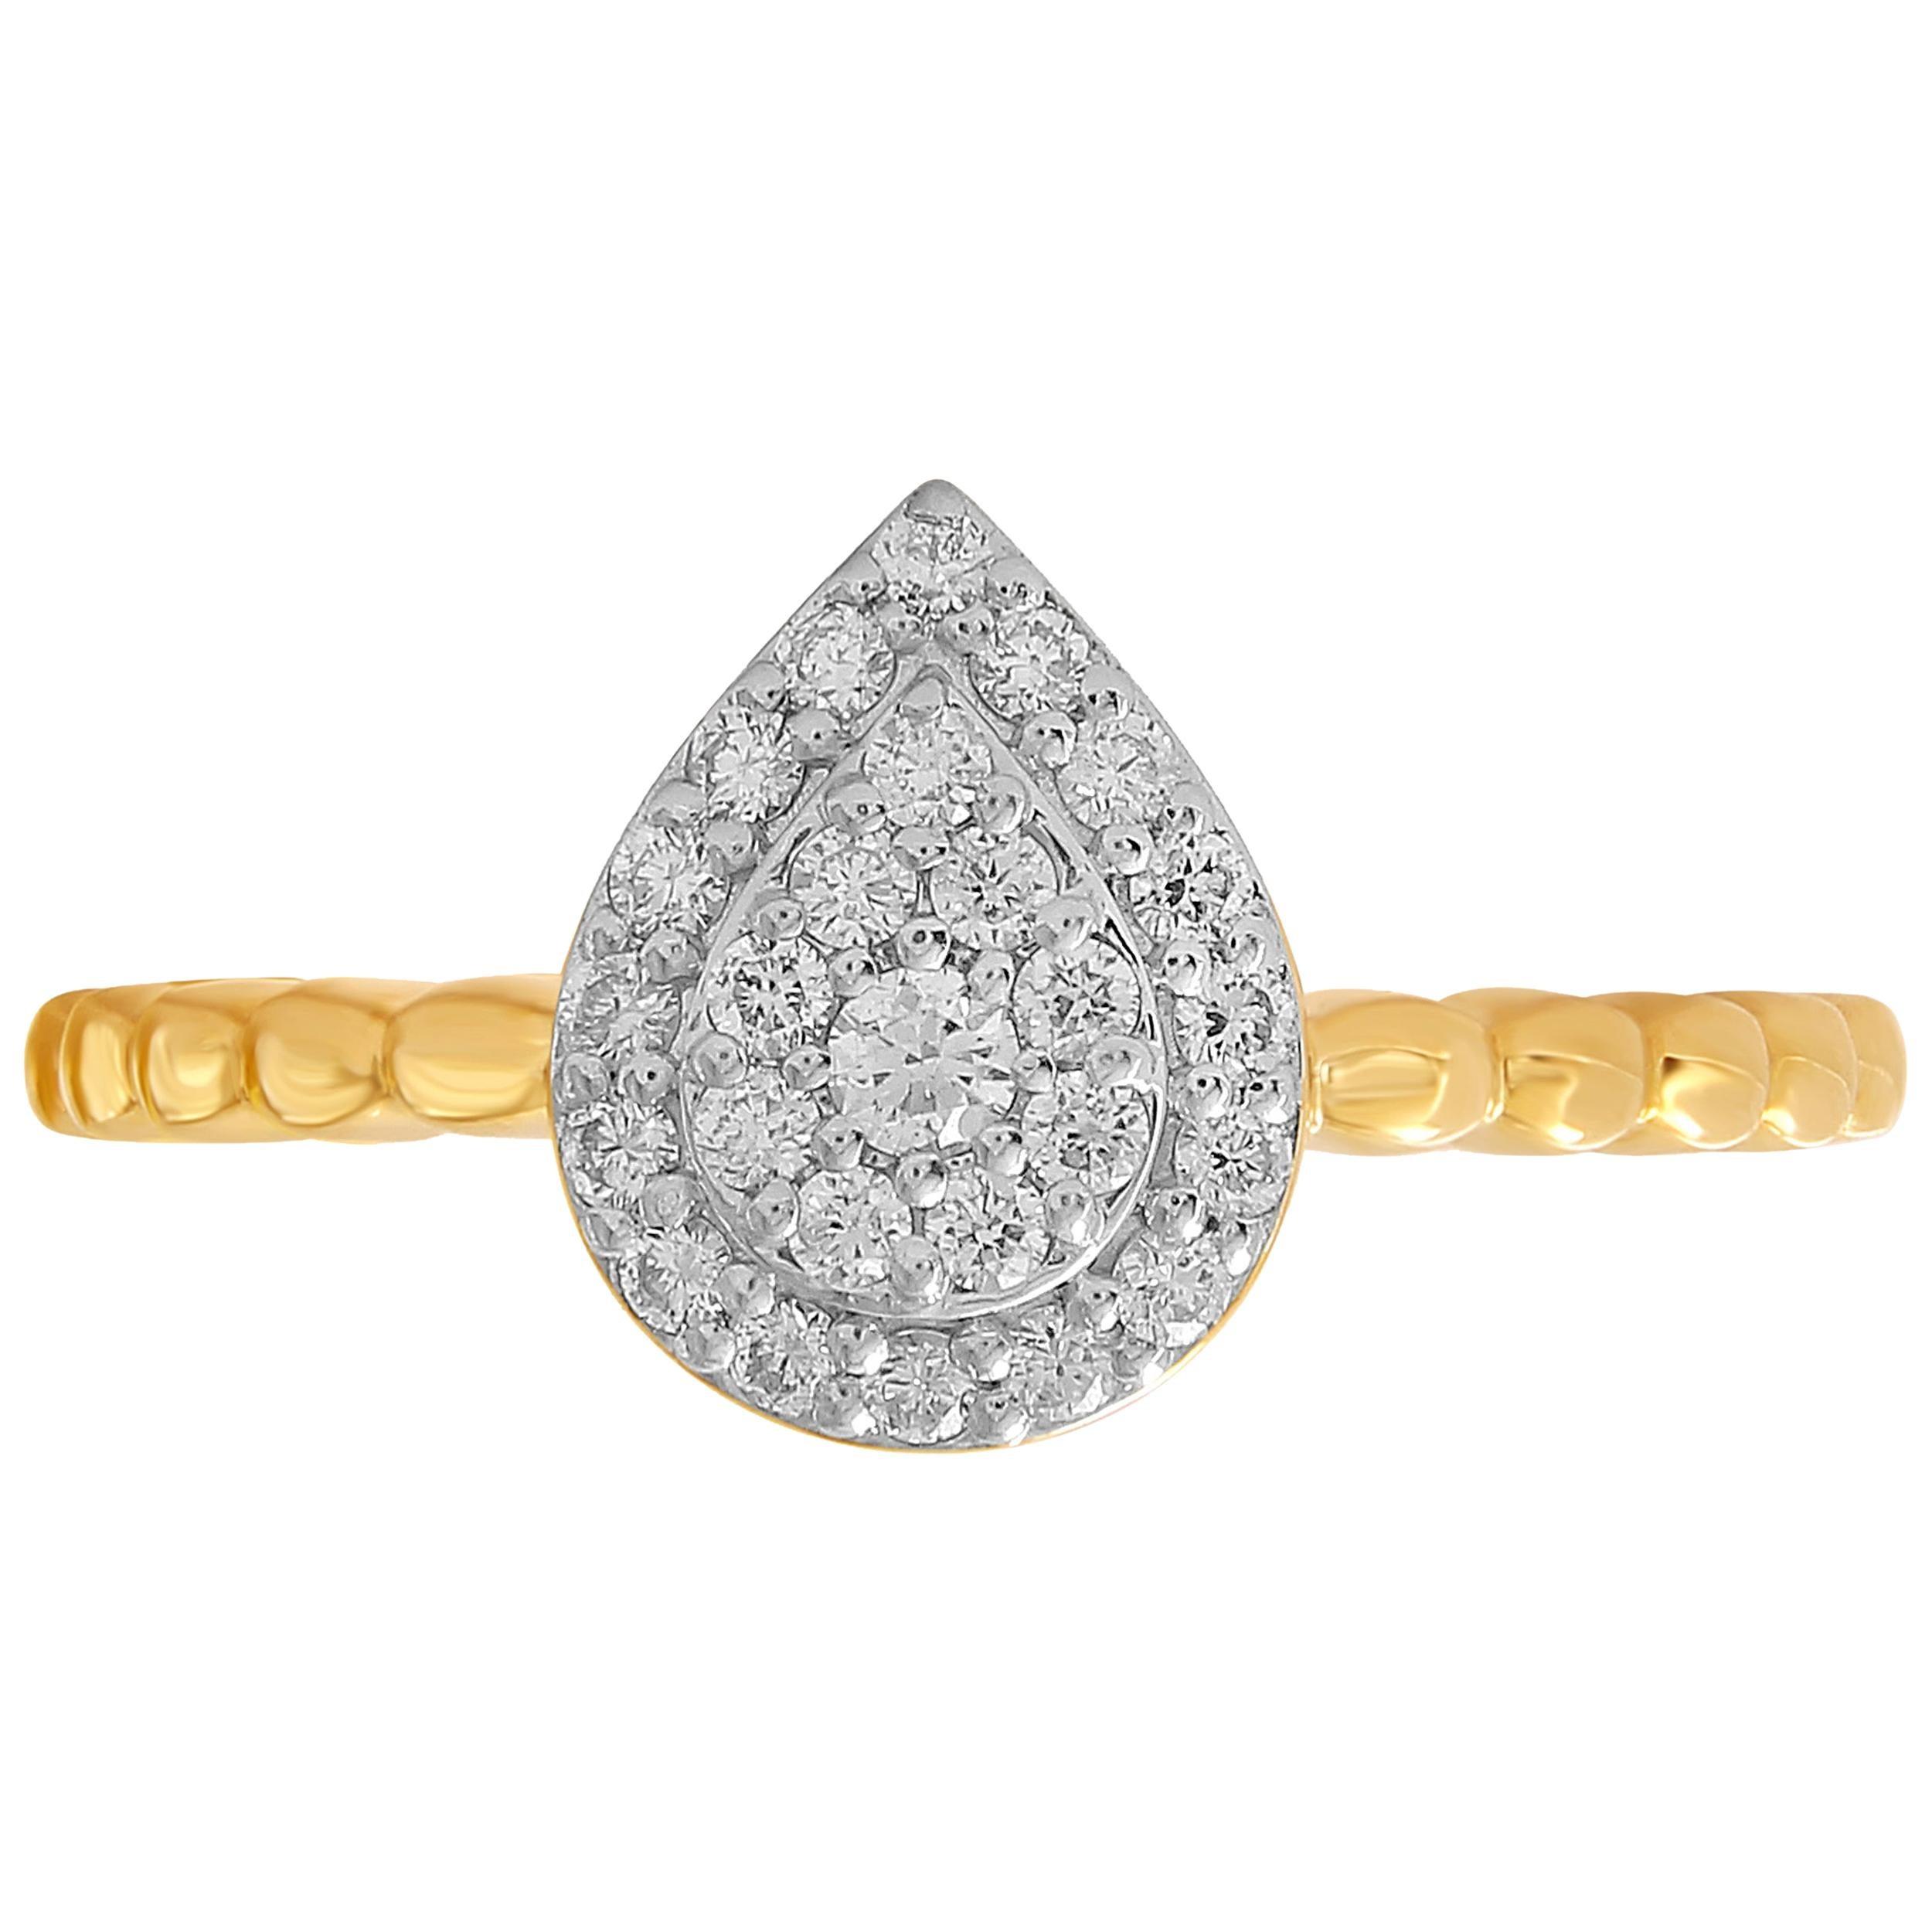 1/4 Carat Pear Shape Certified Pave Diamond Ring 14 Karat Gold